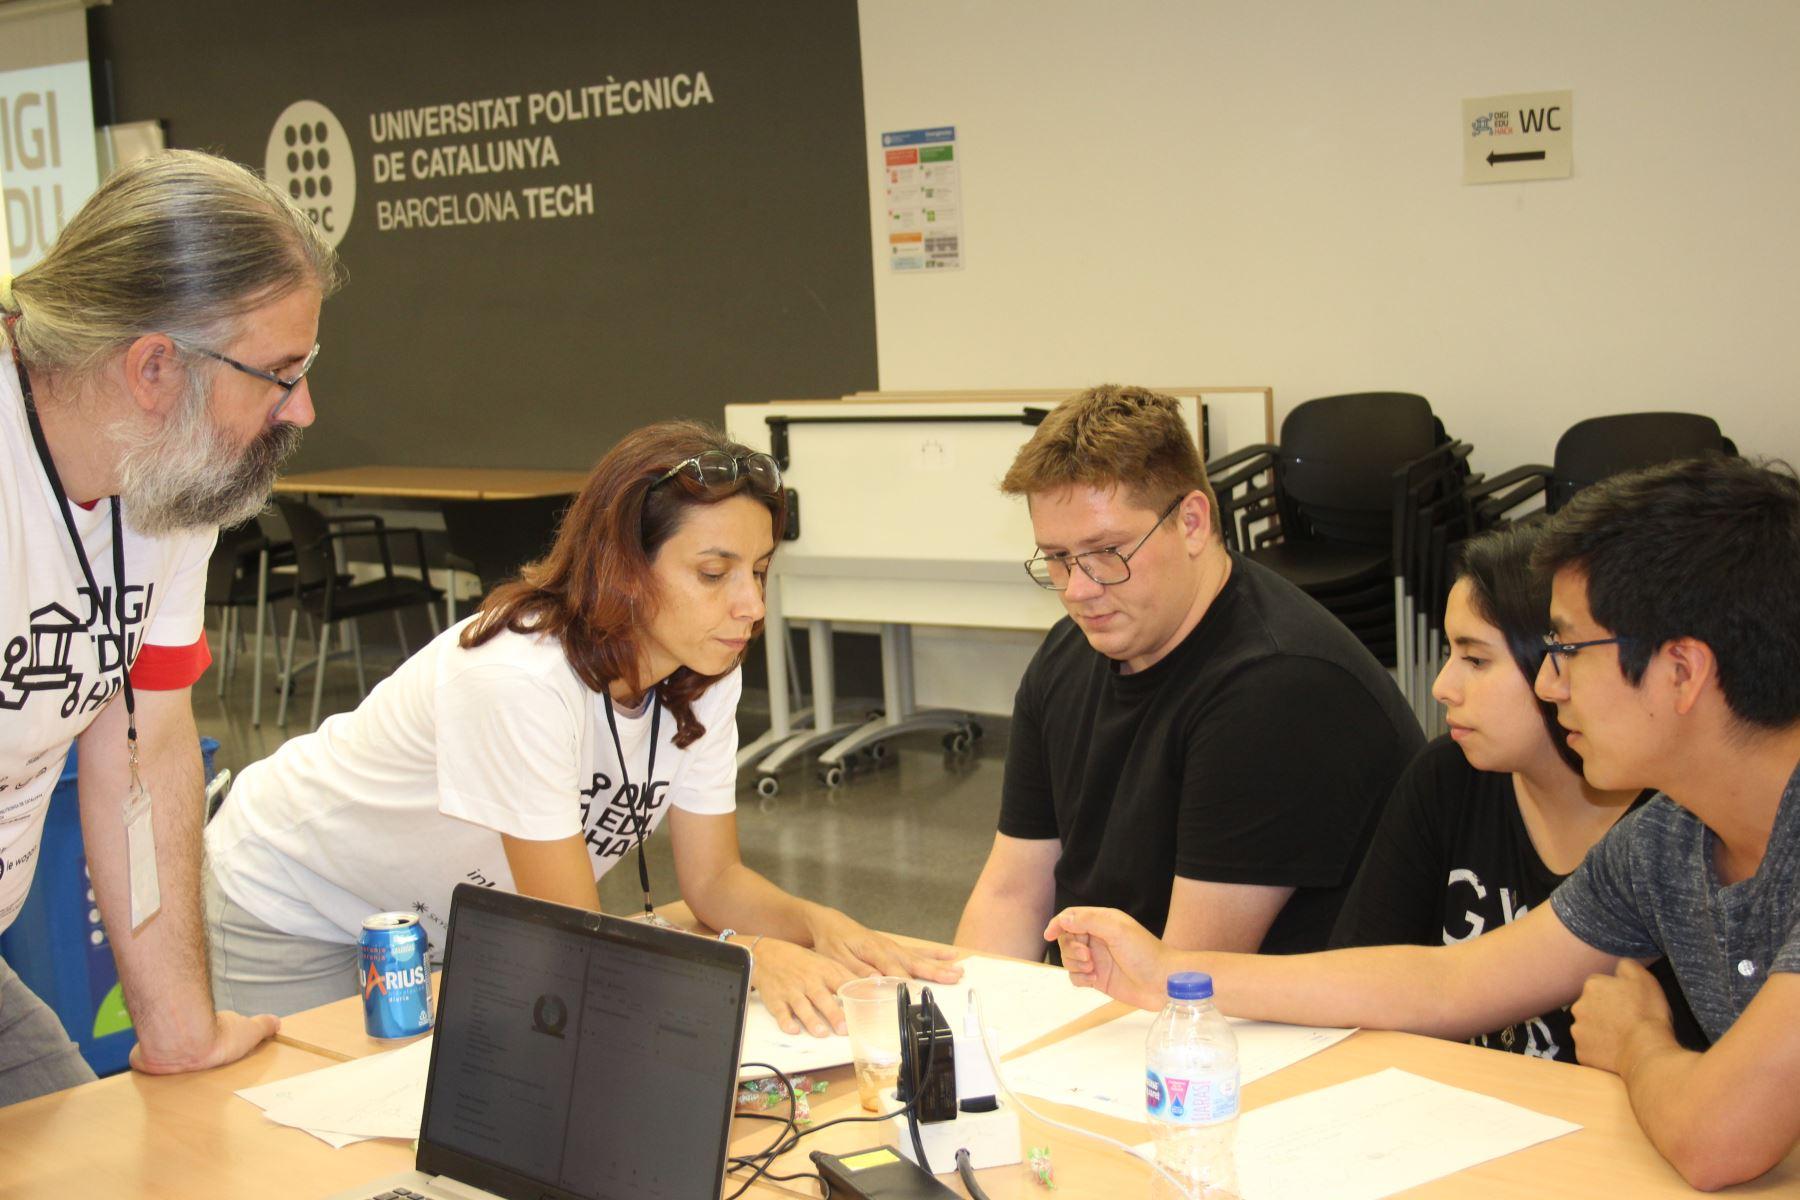 Los universitarios de la PUCP Luis Carranza y Valeria Urbina, junto al alumno italiano Alessandro Shevera, son ganadores del concurso DigiEduHack de las Naciones Unidas.